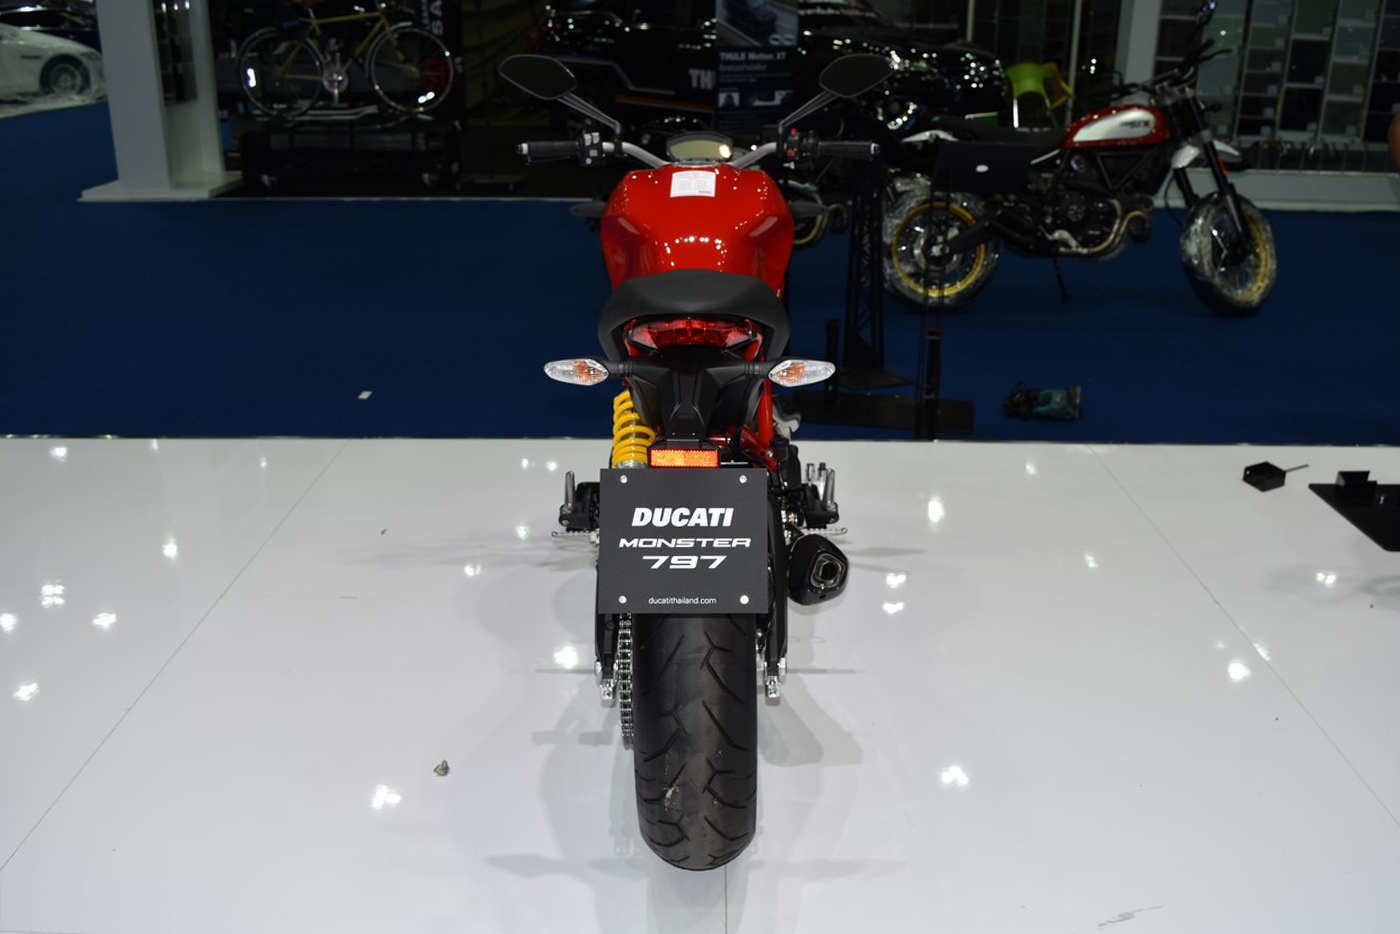 ducati-monster-797-2017-2.jpg